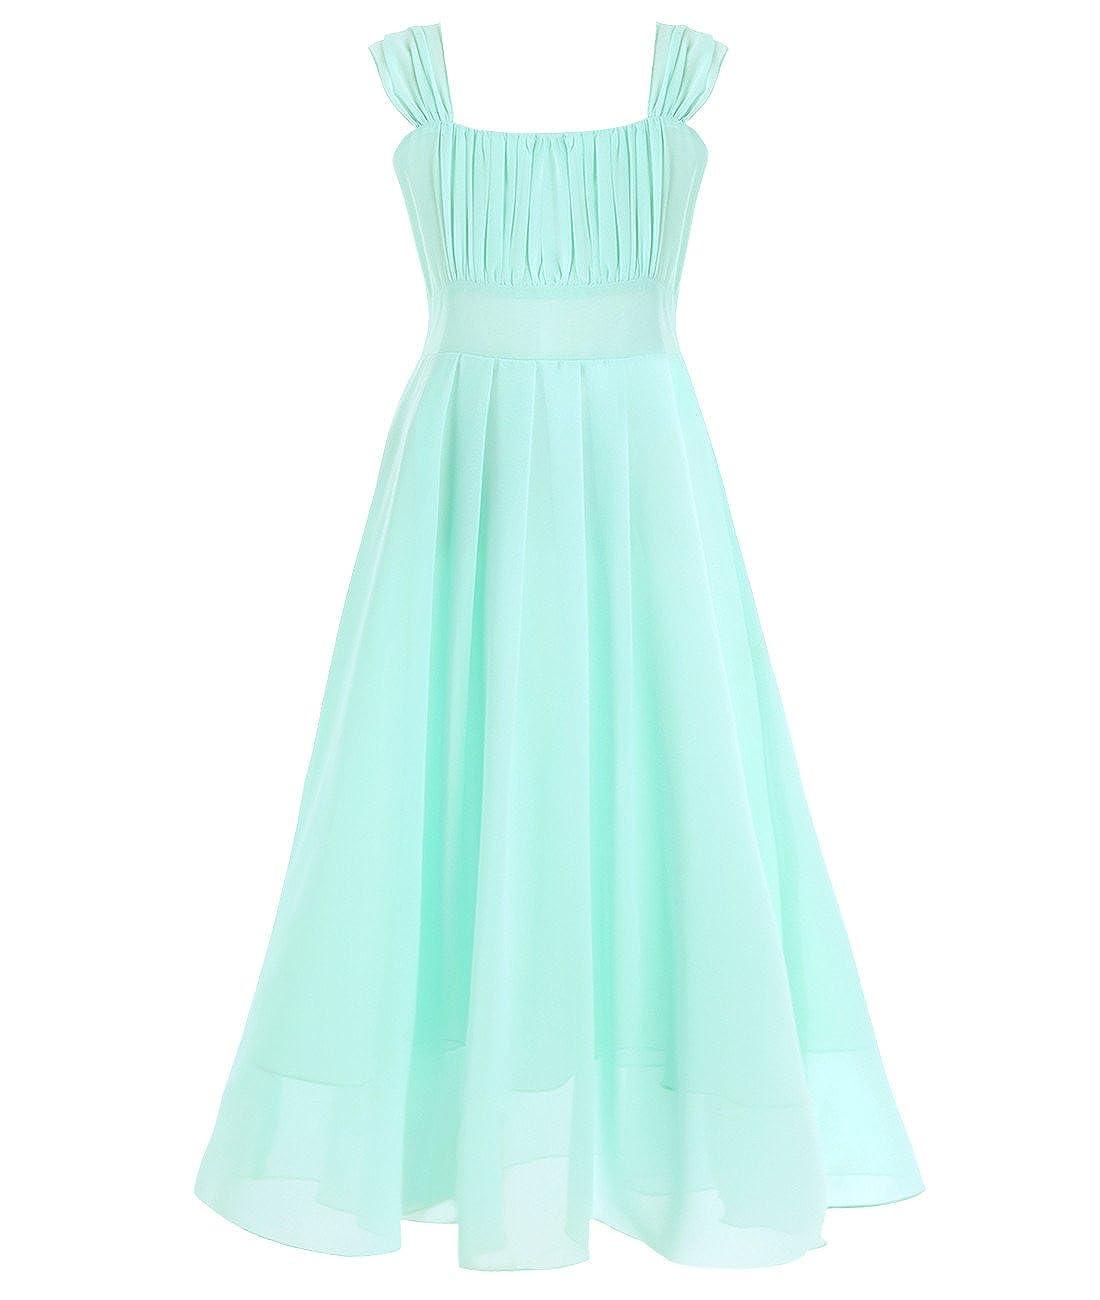 YiZYiF Festlich Mädchen Kleid für Kinder Kleidung Prinzessin